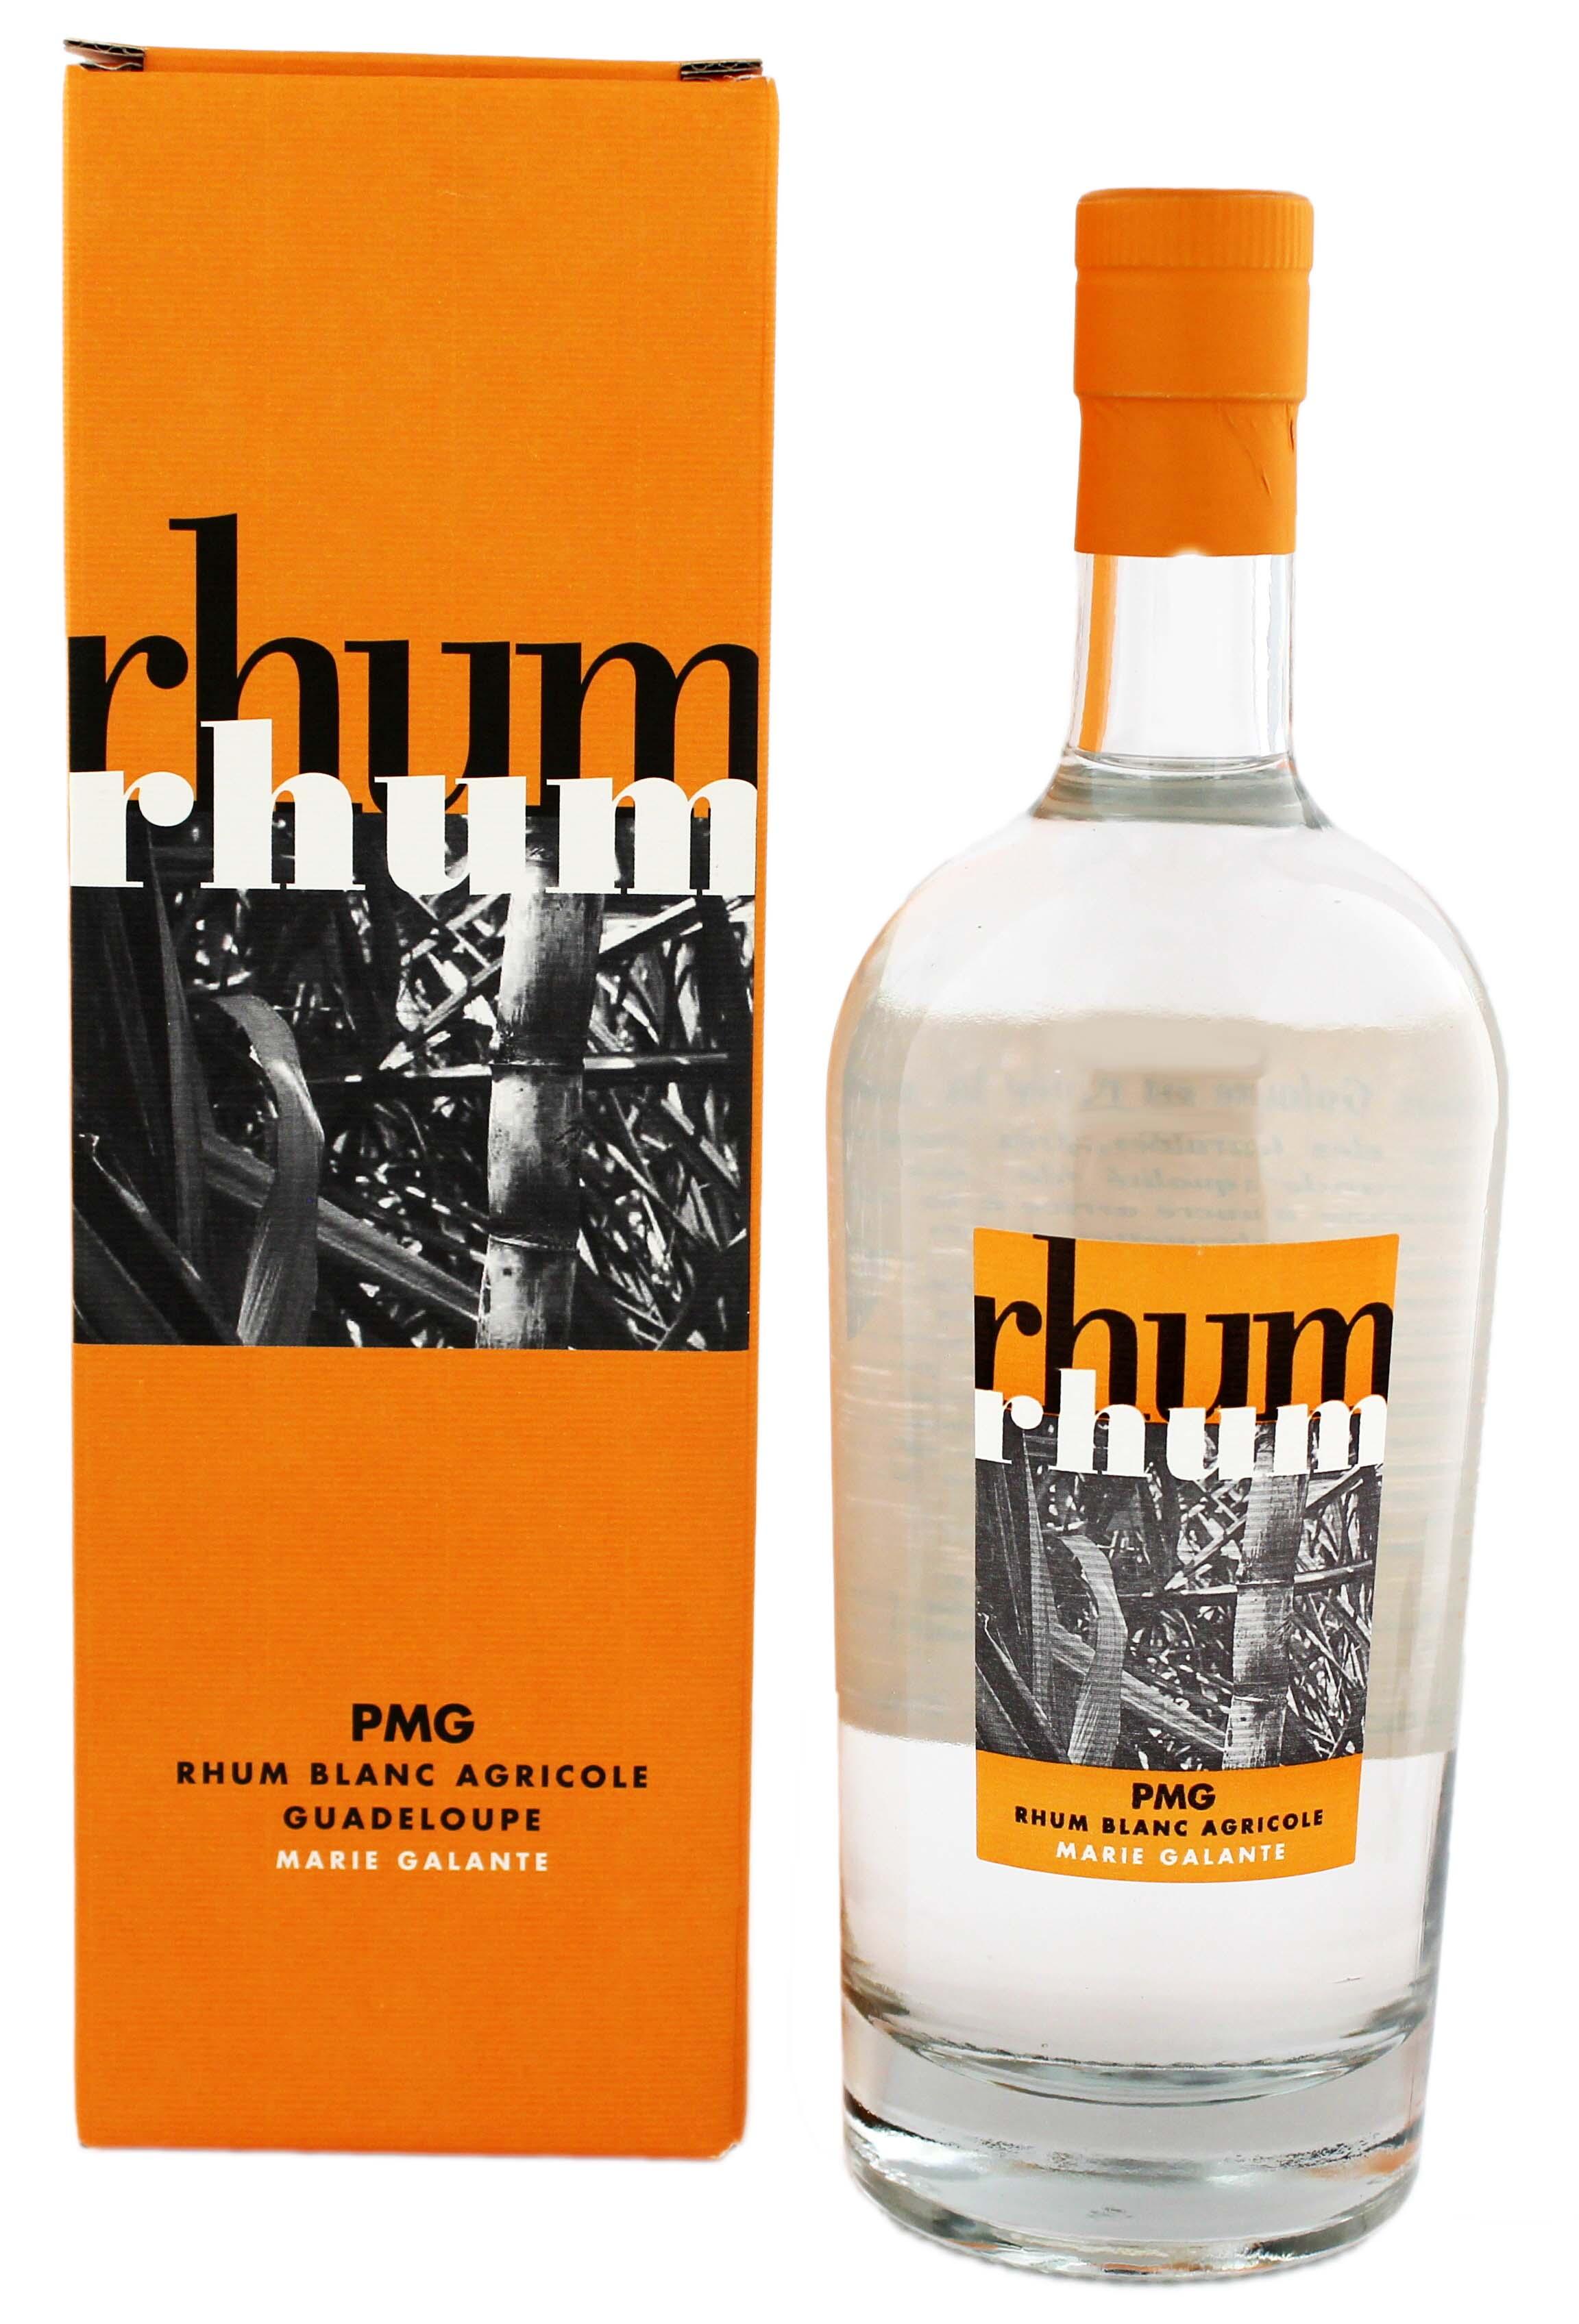 pmg rhum blanc agricole jetzt kaufen rum online shop spirituosen. Black Bedroom Furniture Sets. Home Design Ideas